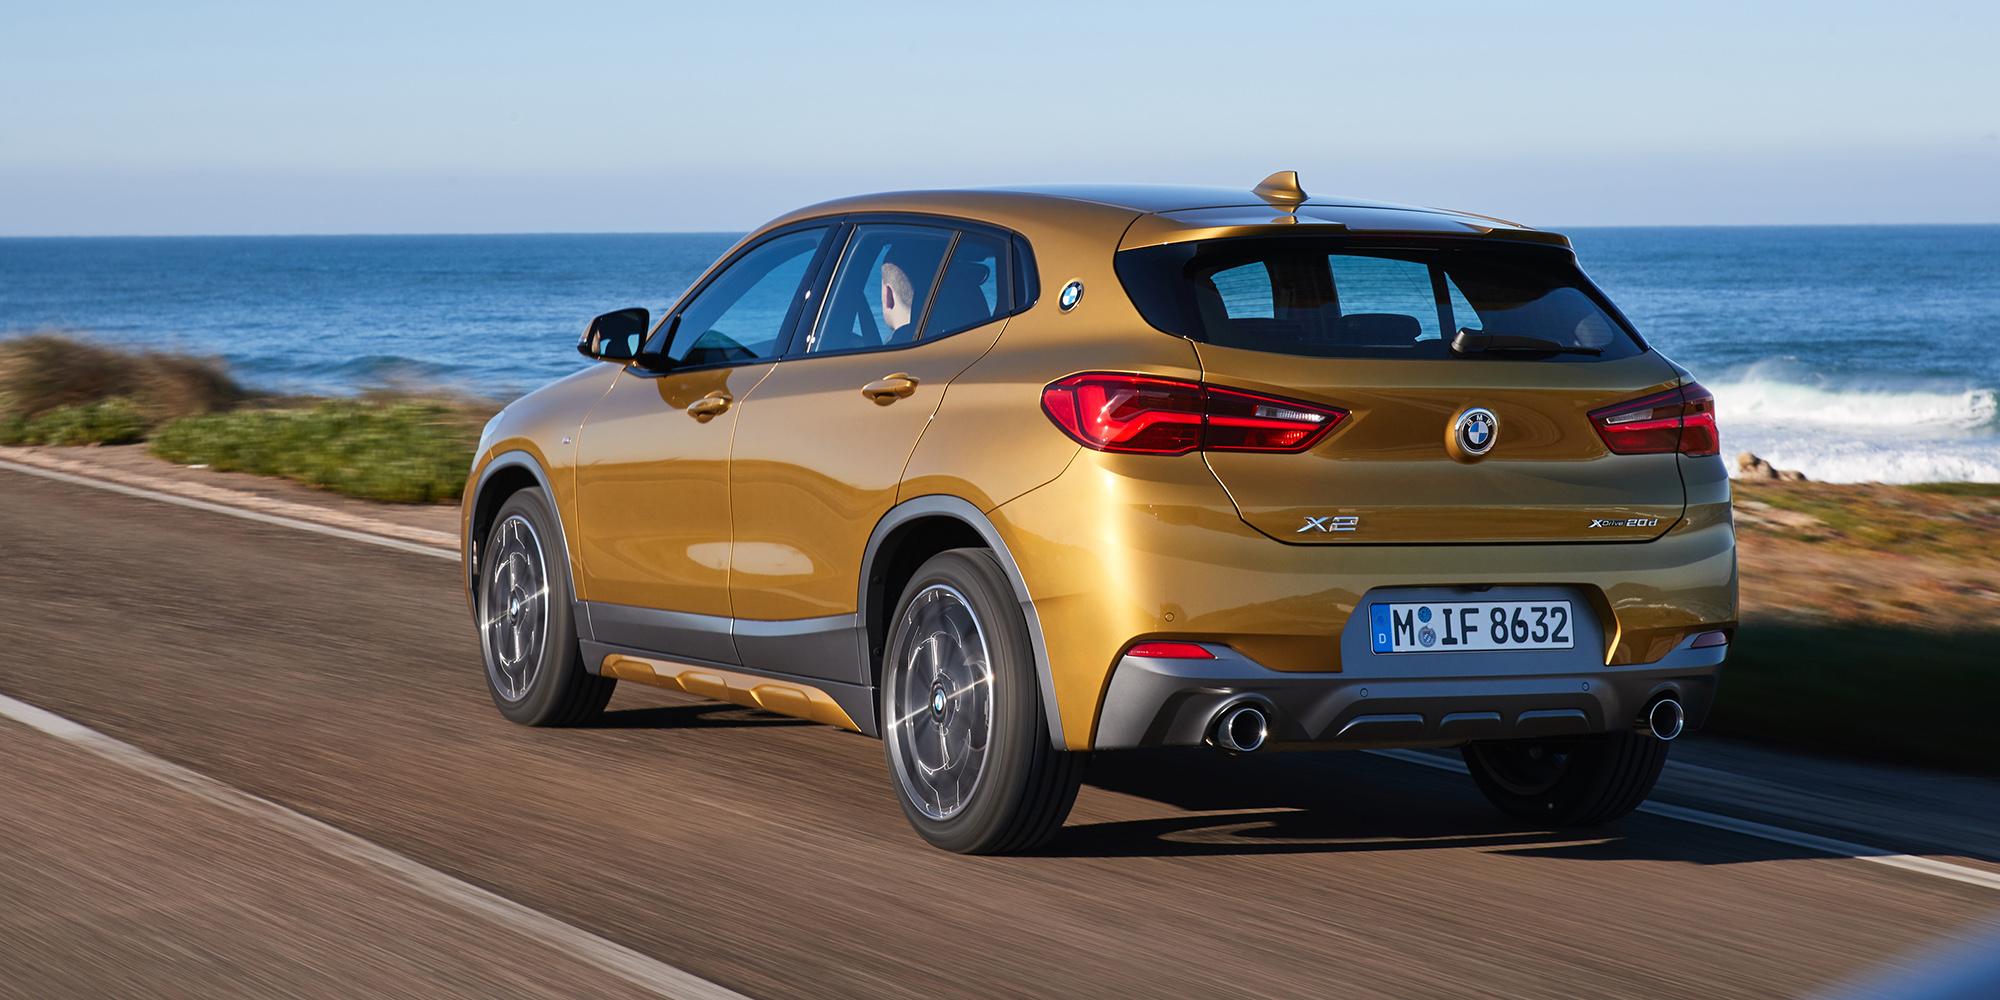 BMW Australia подтвердила цены и спецификации для моделей X2 sDrive 18i и xDrive20d, в результате чего линейка расширилвсь до трех вариантов.